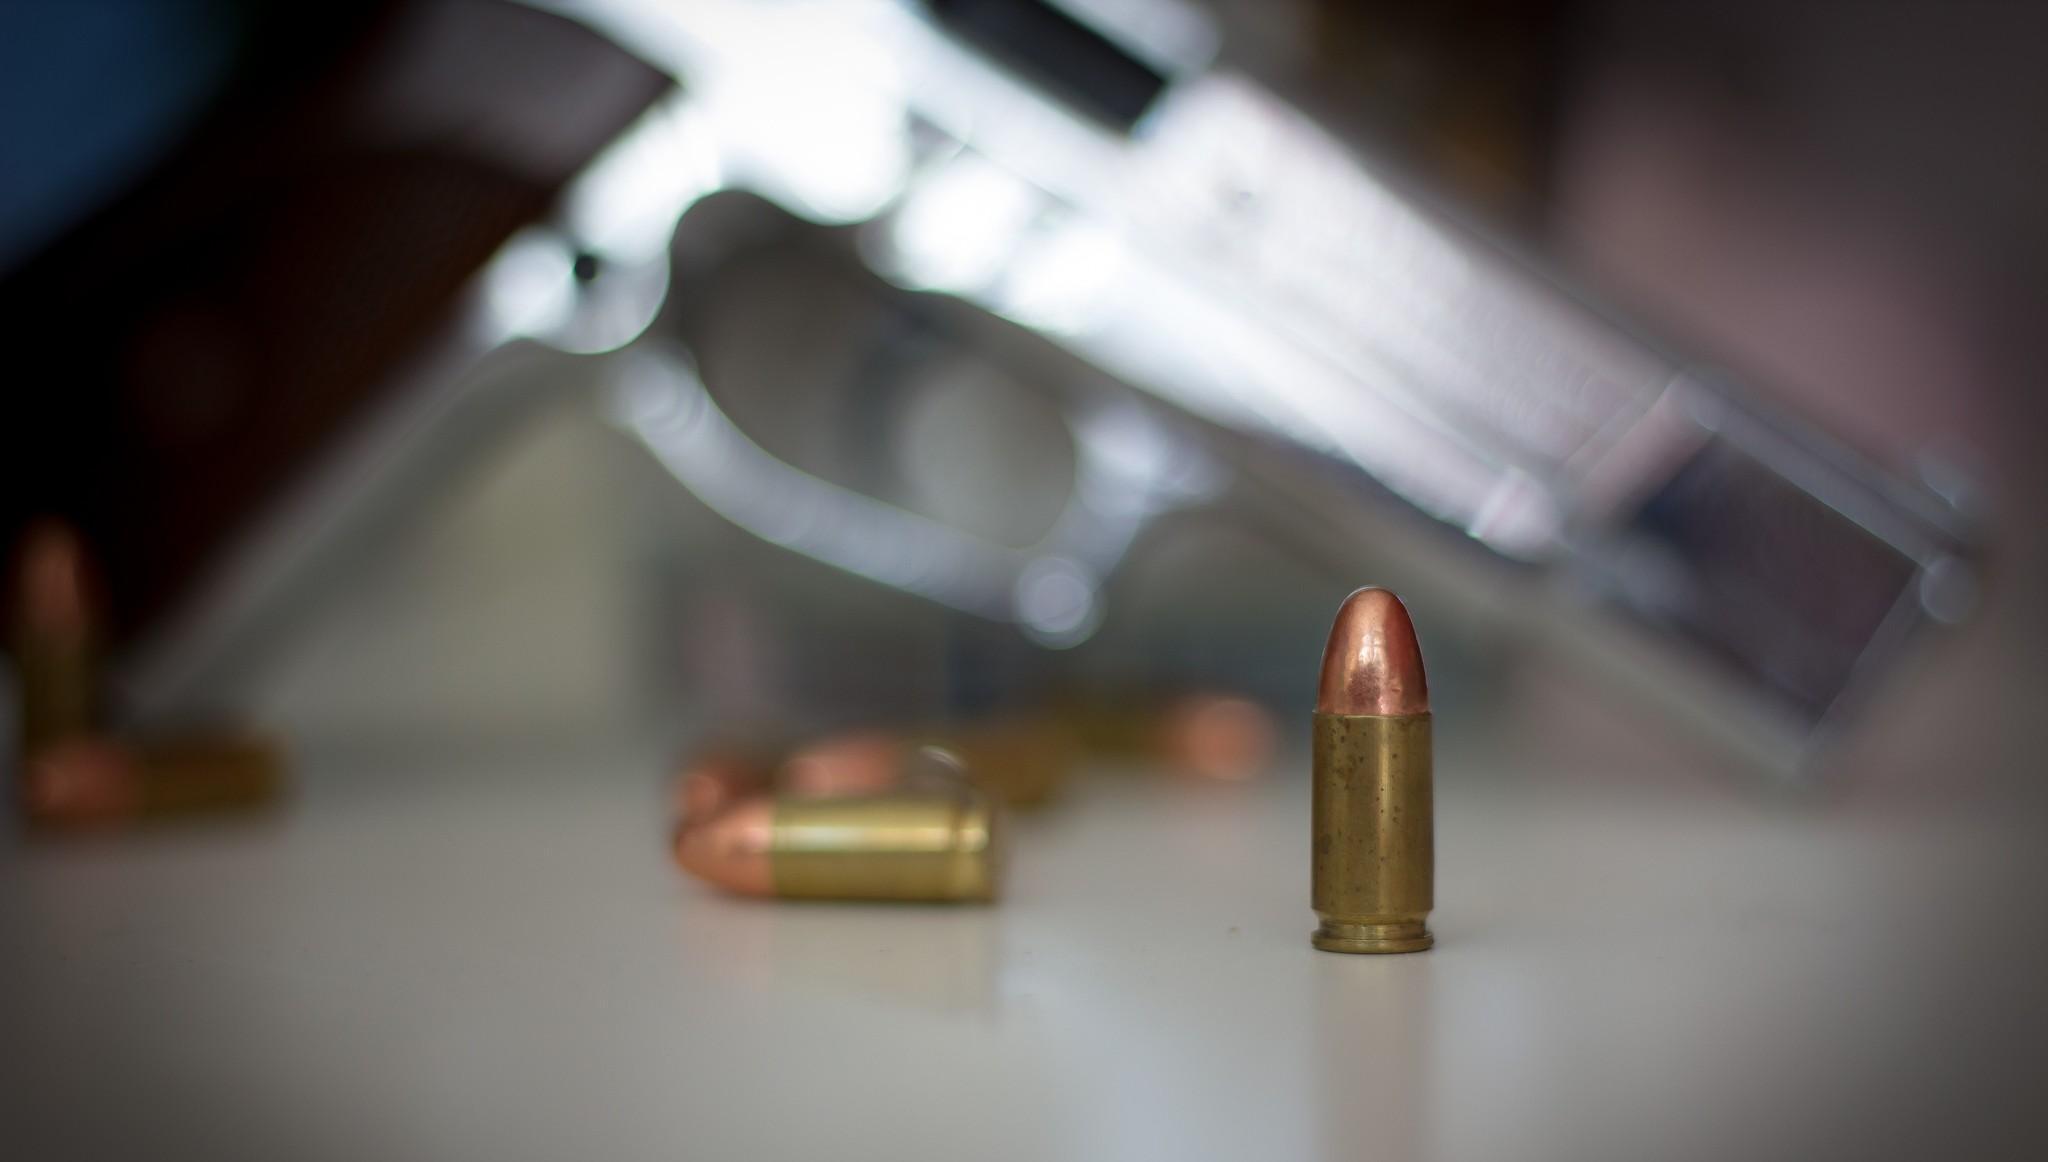 Законопроект об ужесточении правил покупки оружия внесен в Госдуму - новости Афанасий